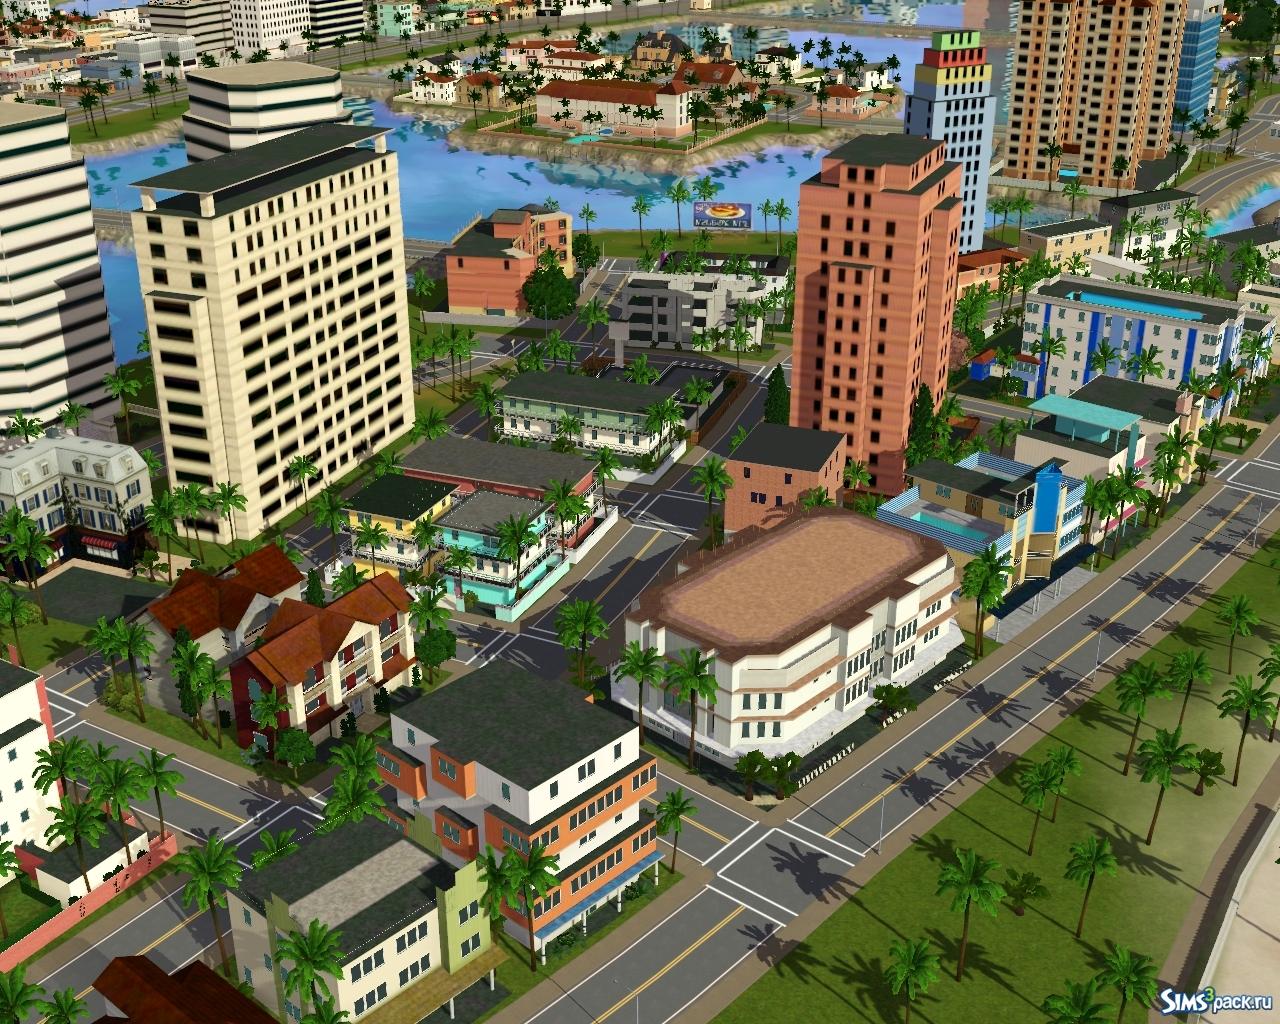 Скачать Город В Симс 3